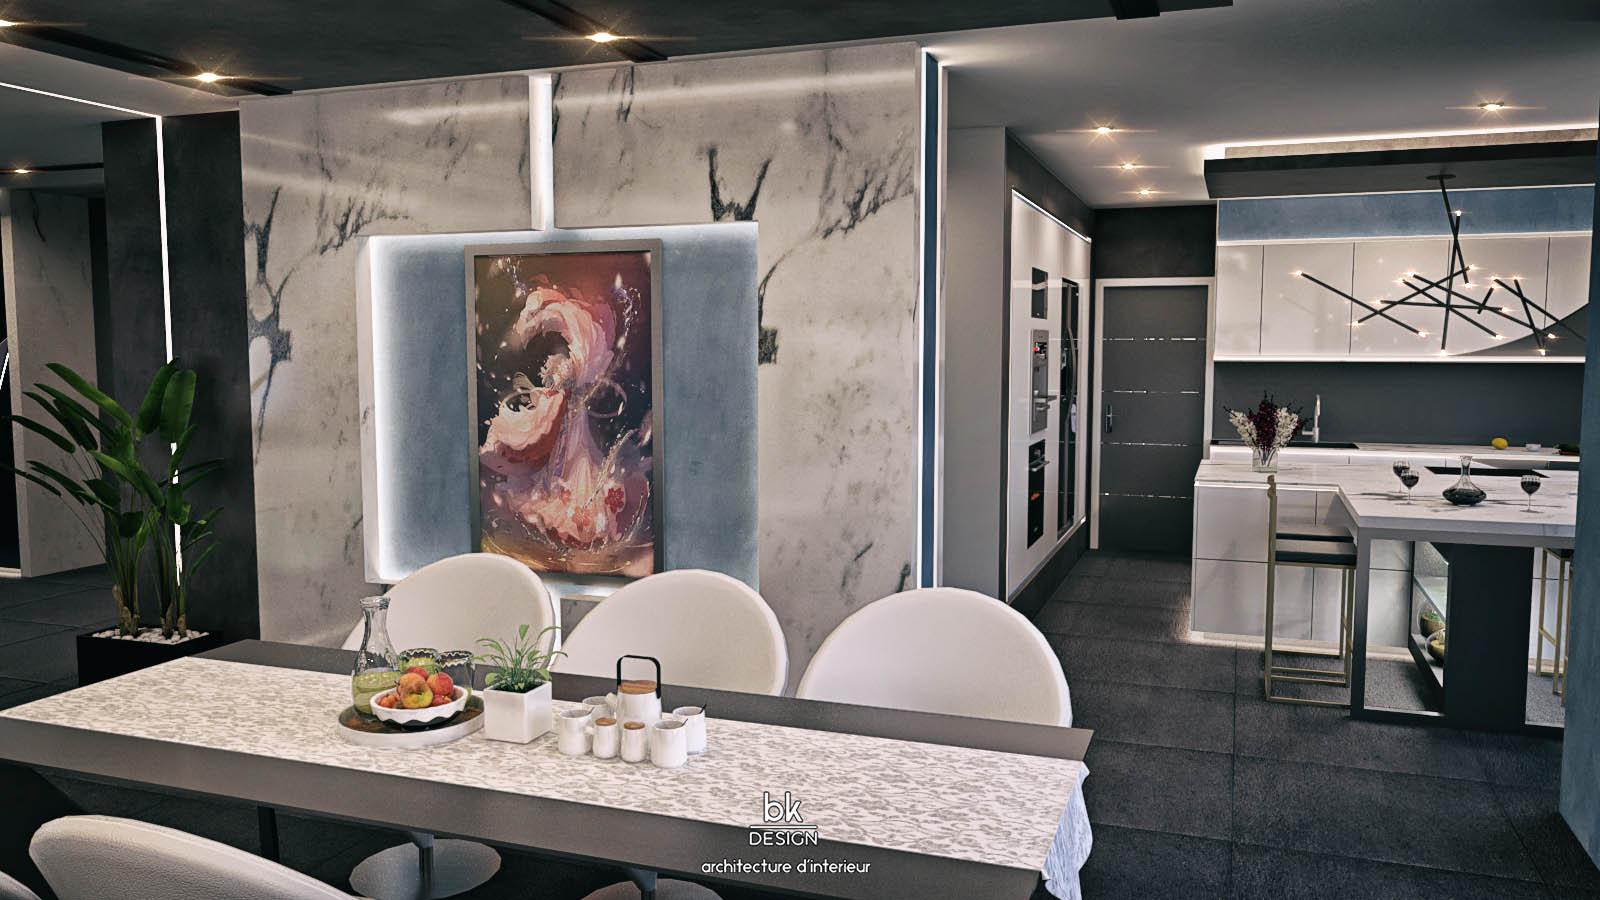 19 bk Design Projet Guénange 02 v4 R03 Salon